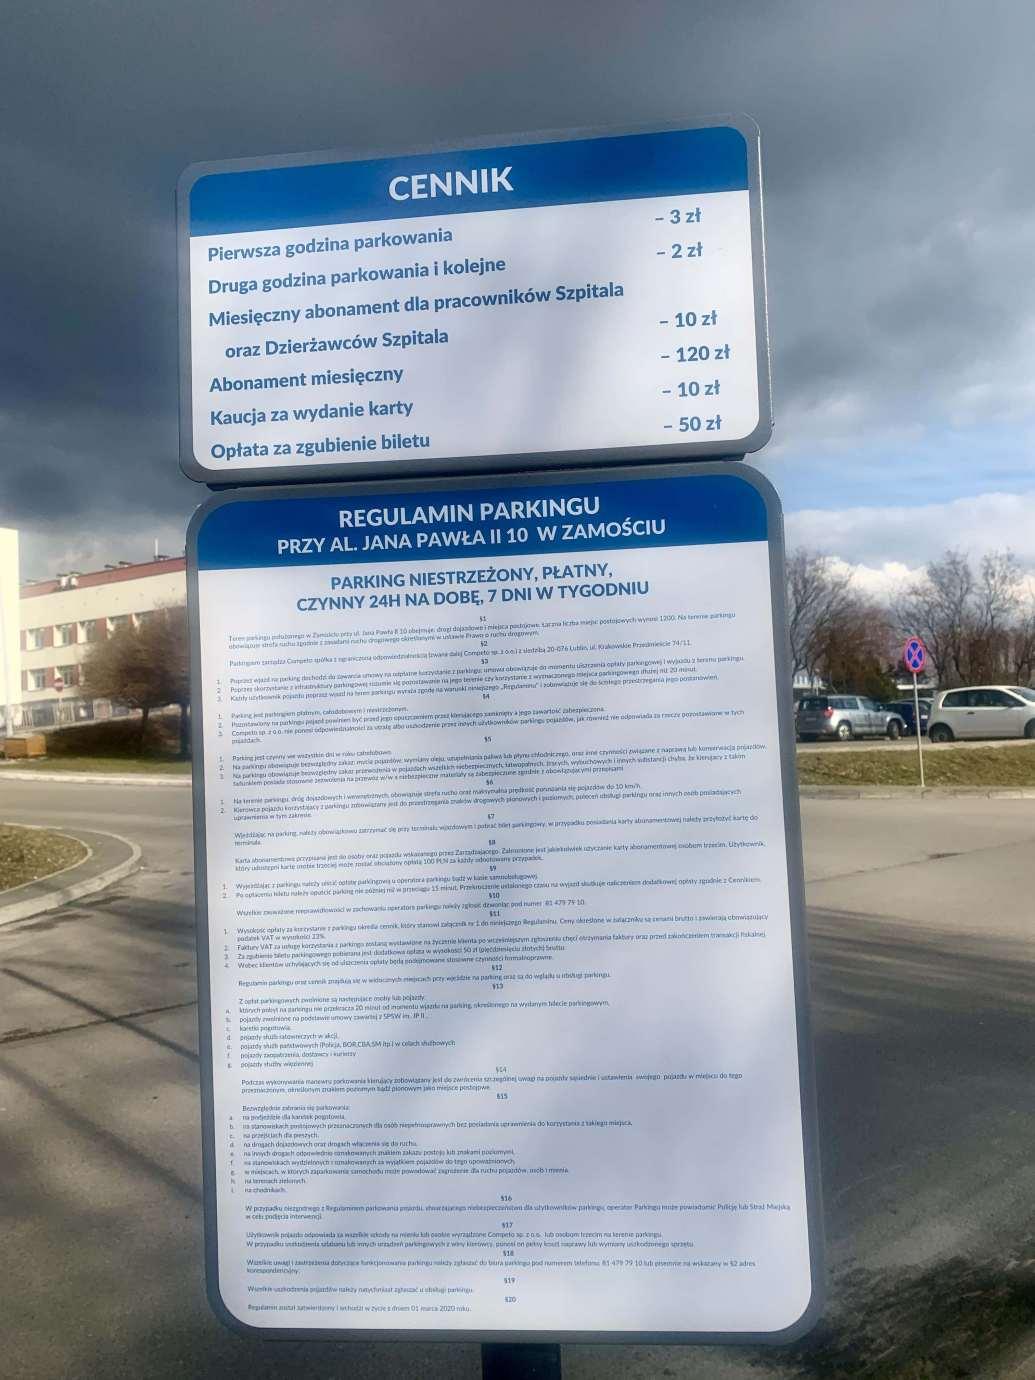 img 6913 1 Płatne parkowanie - mamy odpowiedź Rzecznika Samodzielnego Wojewódzkiego Szpitala im. Papieża Jana Pawła II w Zamościu